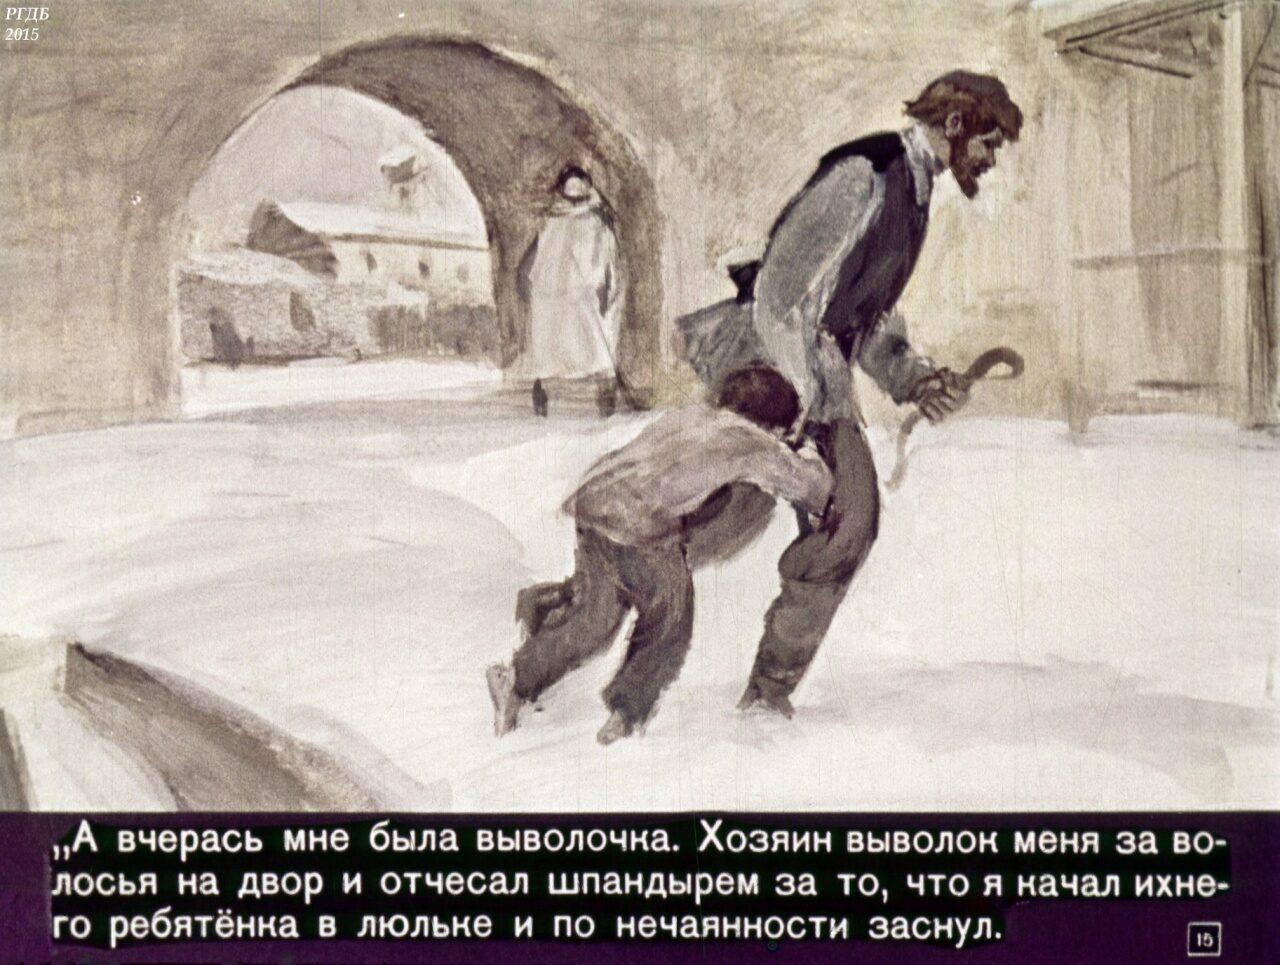 А. Чехов. Ванька. Художник Р. Столяров. Москва, Диафильм. 1967 год.